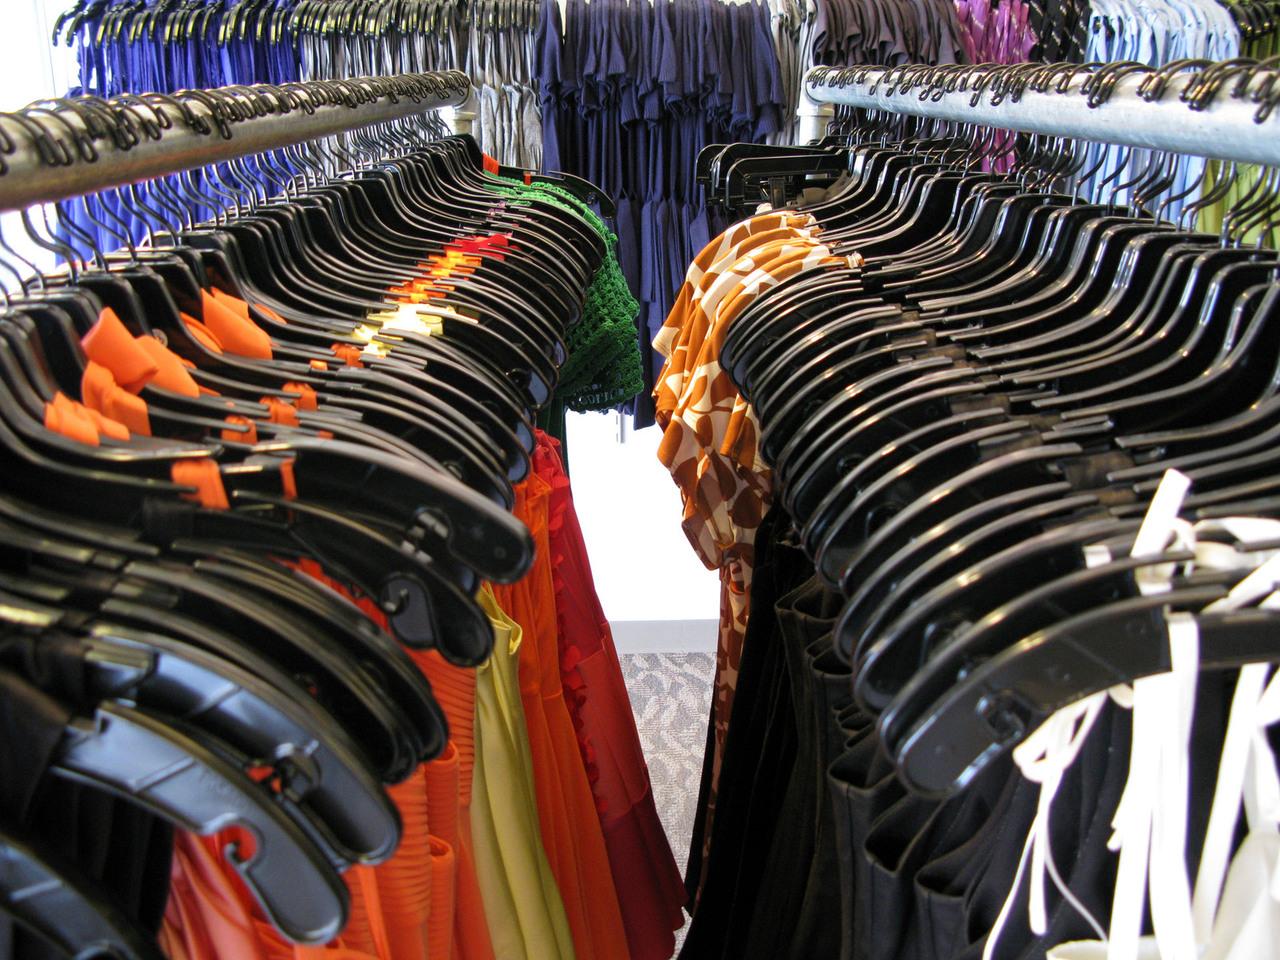 Paides avatud riidetuba aitab lasterikkaid peresid